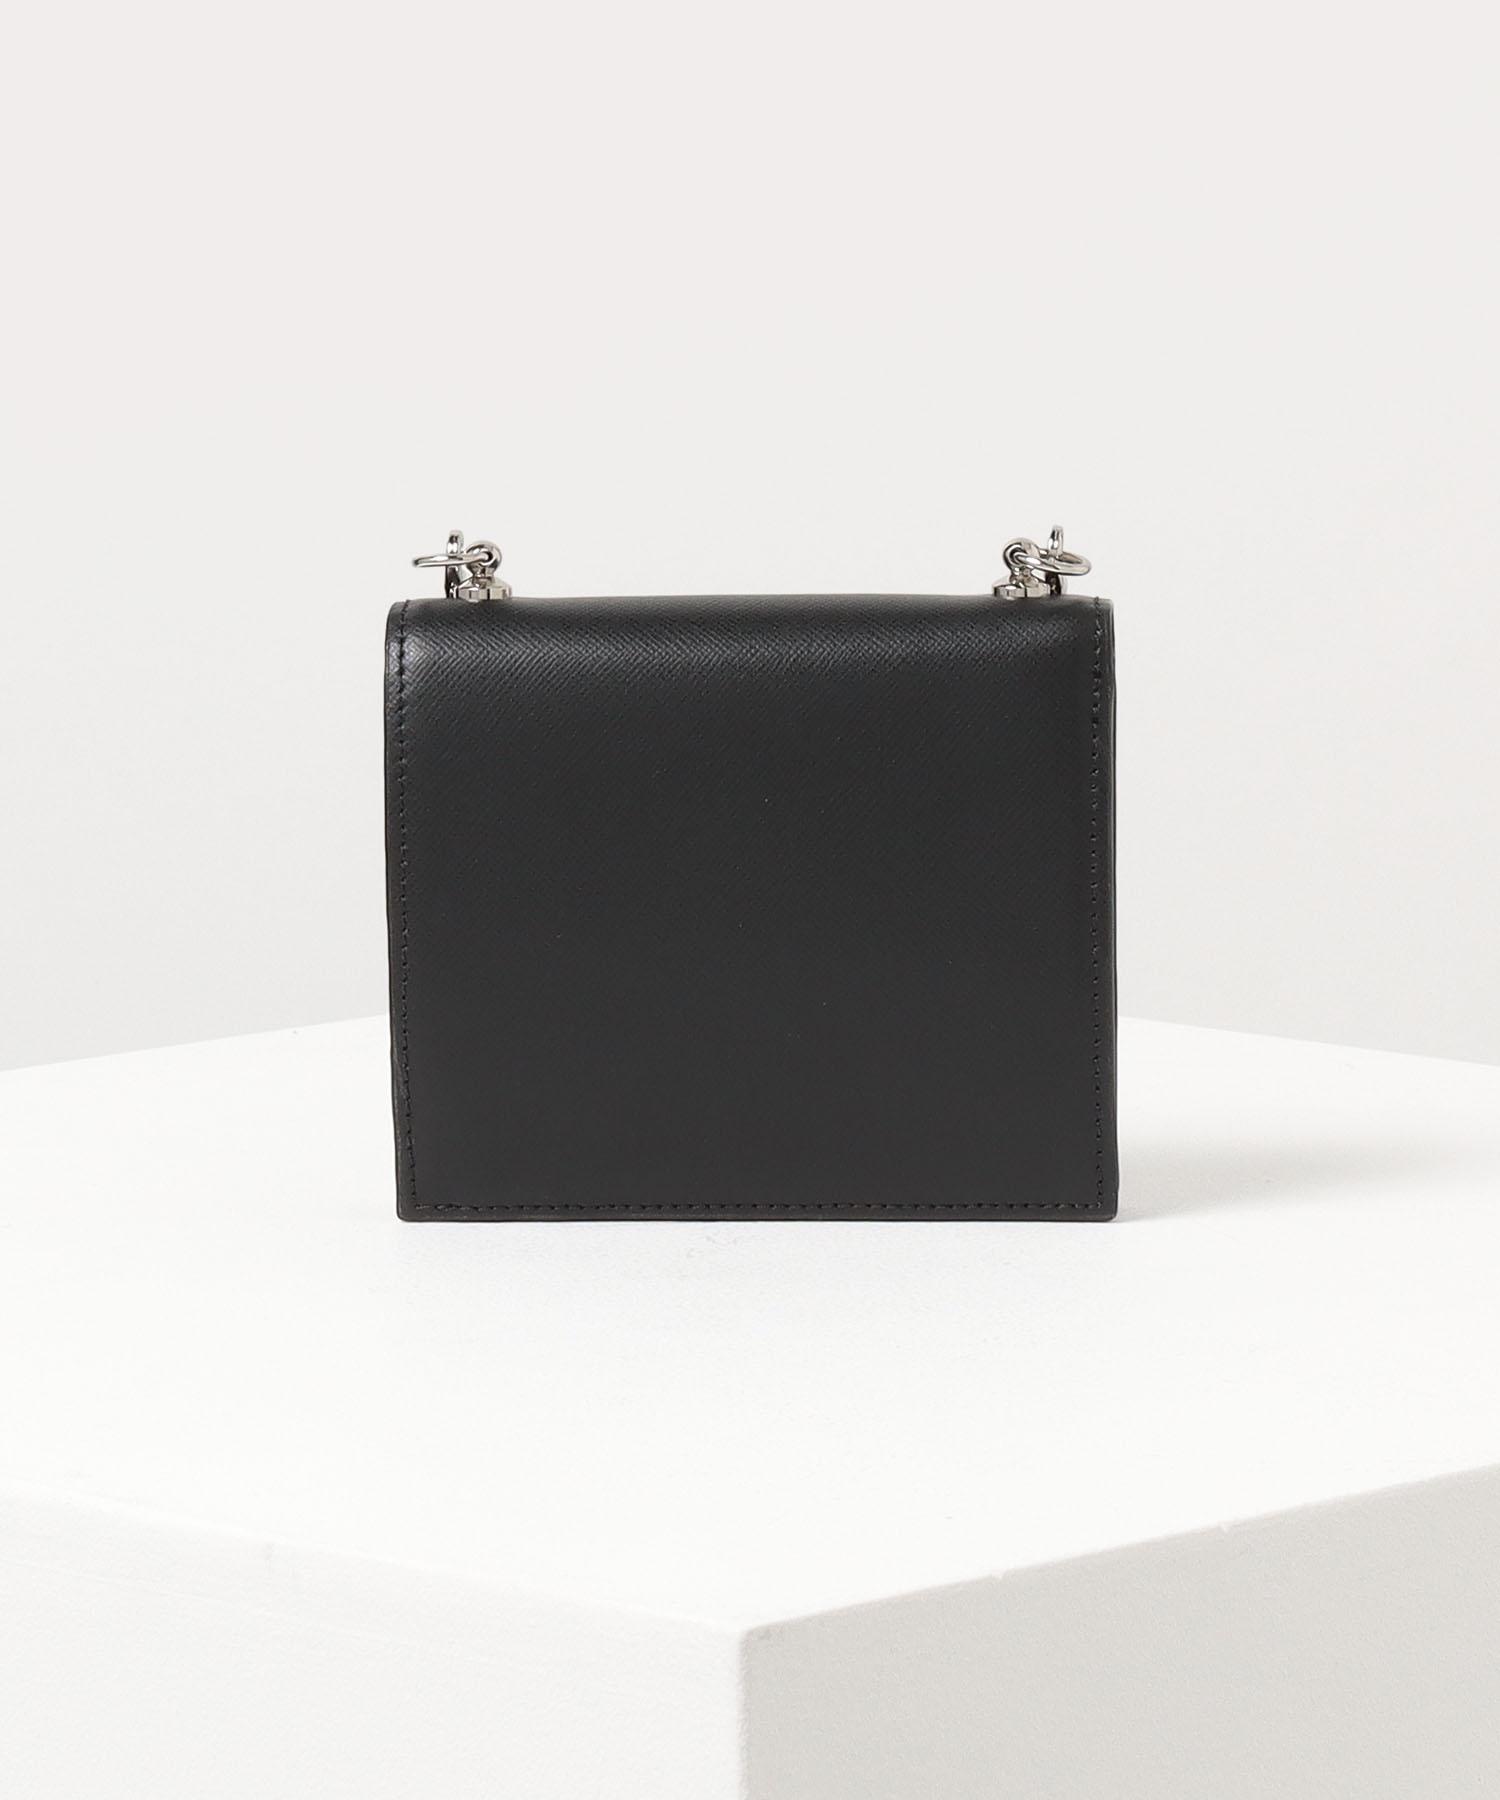 DEBBIE ショルダー付二つ折り財布